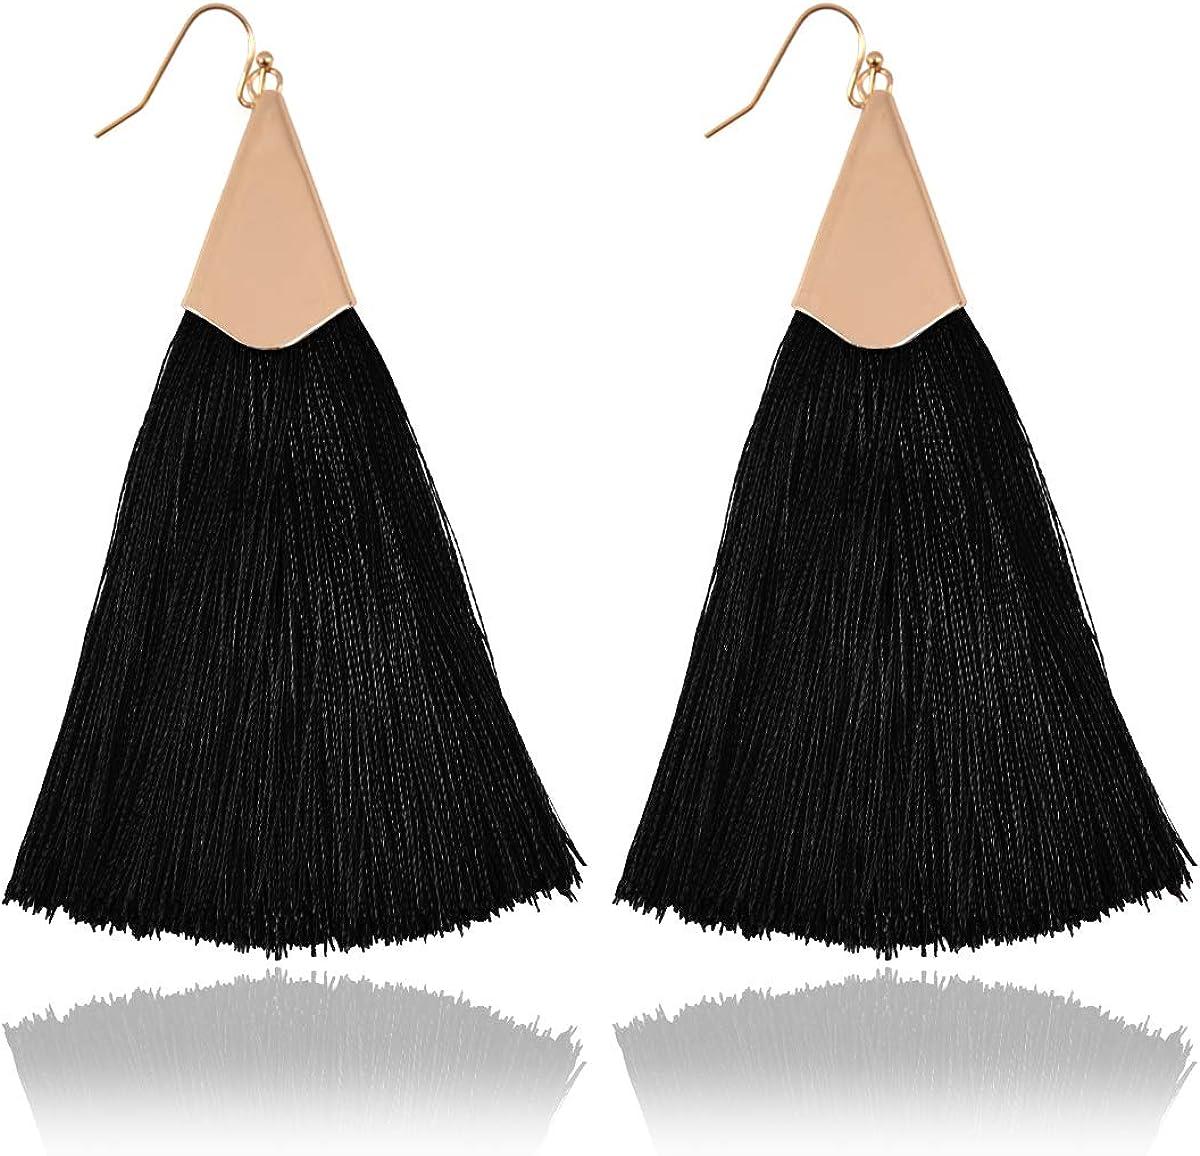 RIAH FASHION Bohemian Silky Thread Tassel Statement Drop Earrings Strand Fringe Lightweight Feather Shape Dangles Chandelier Duster